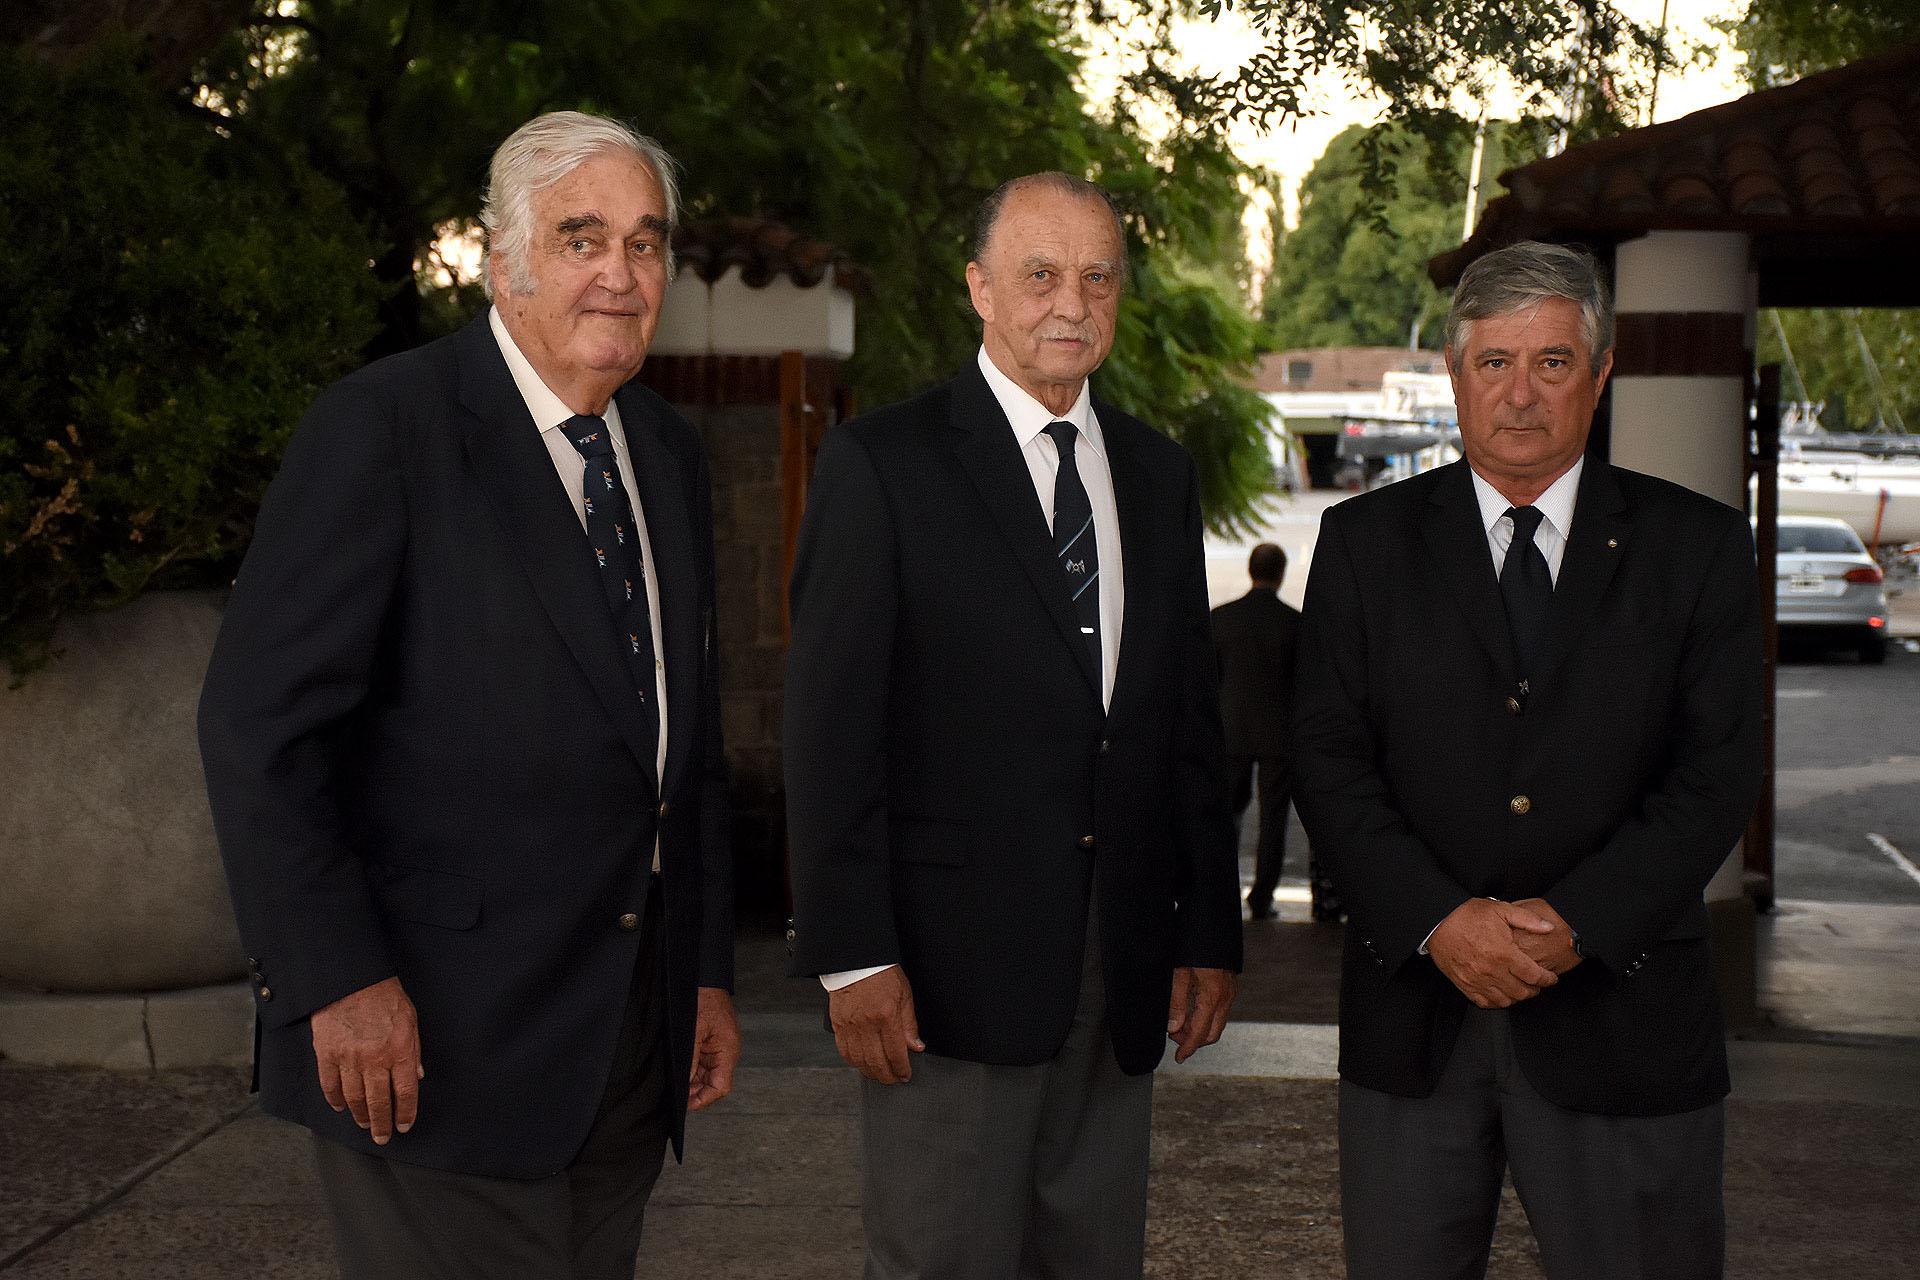 Los anfitriones, de izquierda a derecha, Diego Peralta Ramos-comodoro- Juan Cernadas-secretario honorario; Jorge Jauregui-vicecomodoro del Yatch Club Argentino